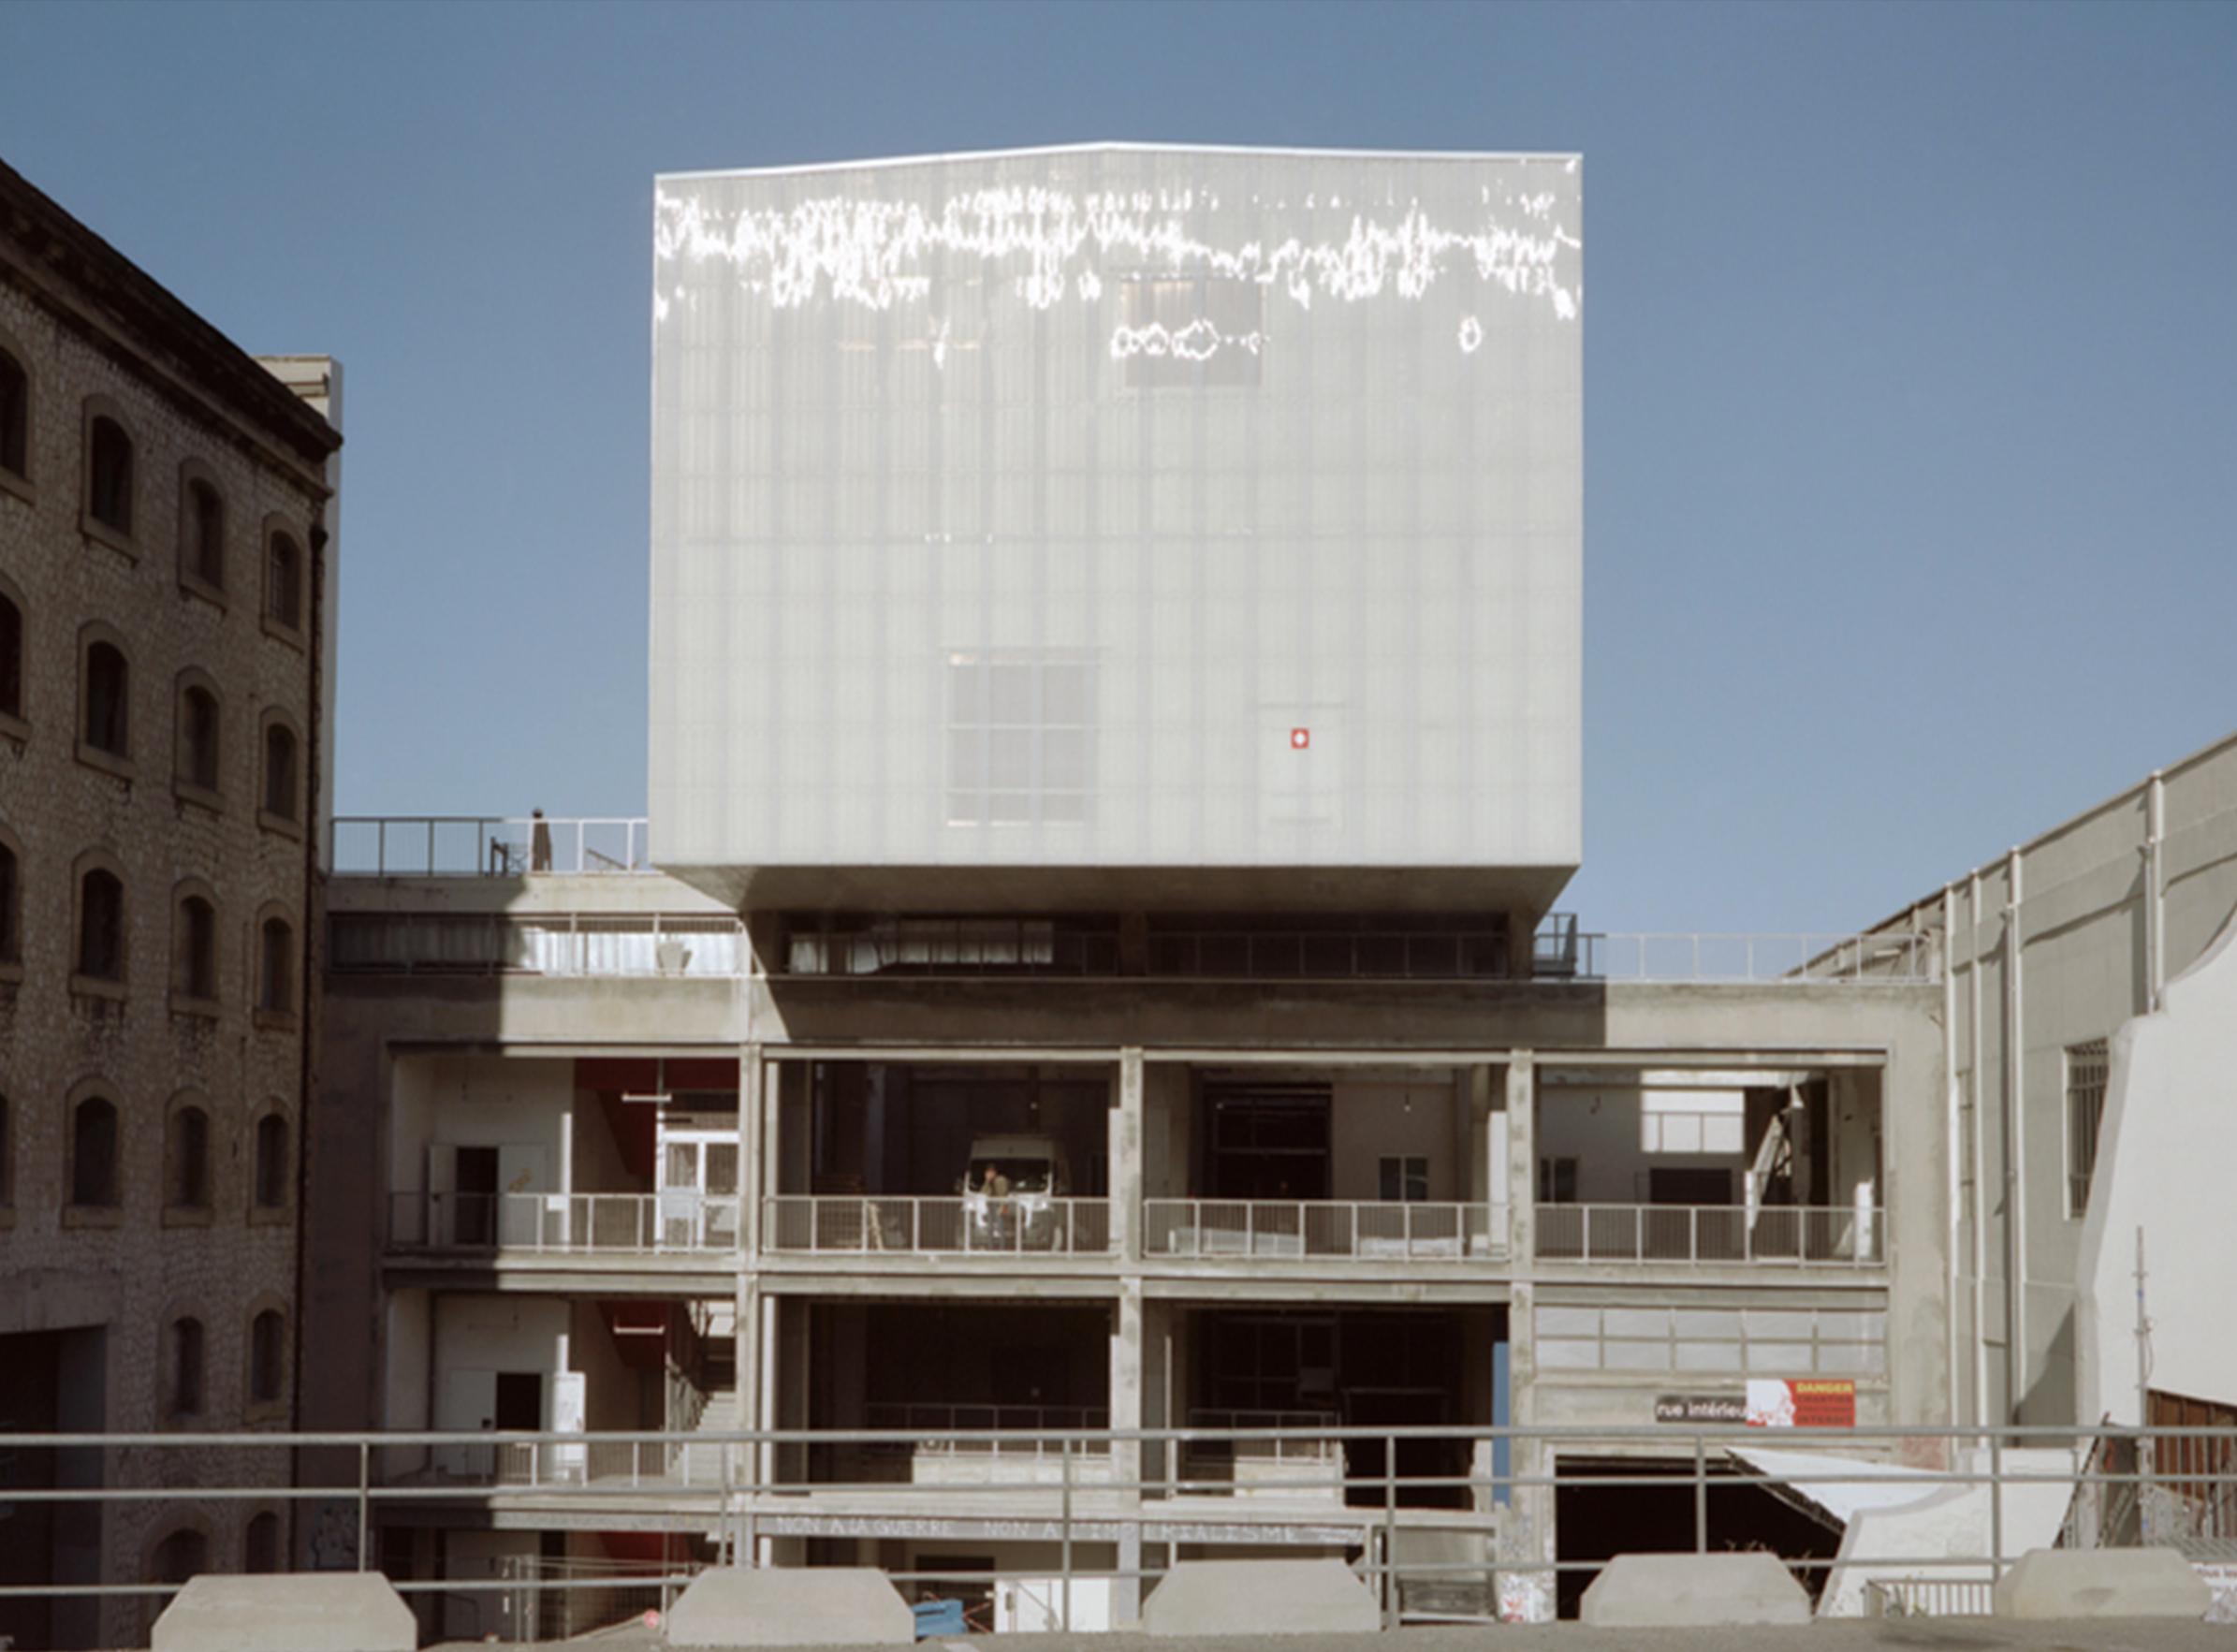 La Friche - Panorama - 01 -Caractère Spécial - Matthieu Poitevin Architecture